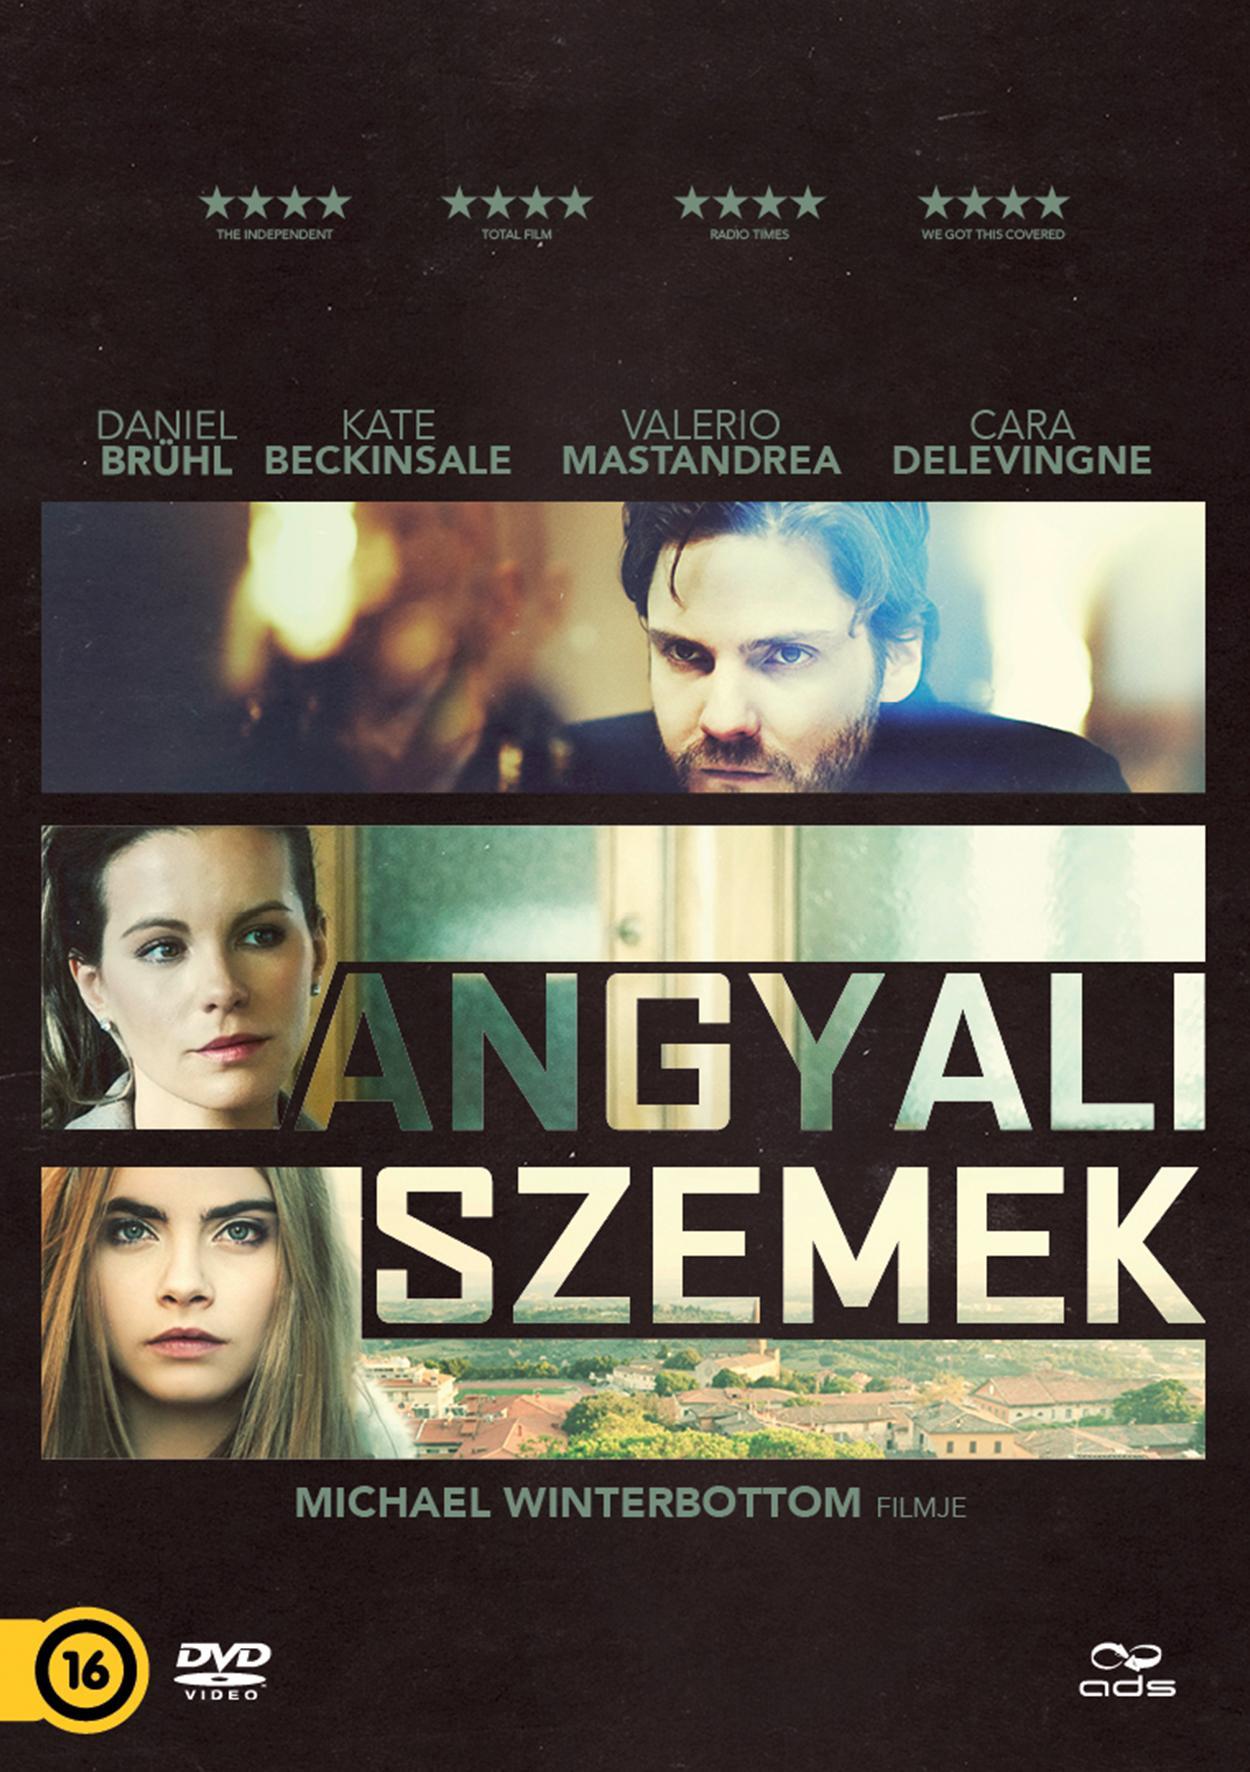 - ANGYALI SZEMEK - DVD -